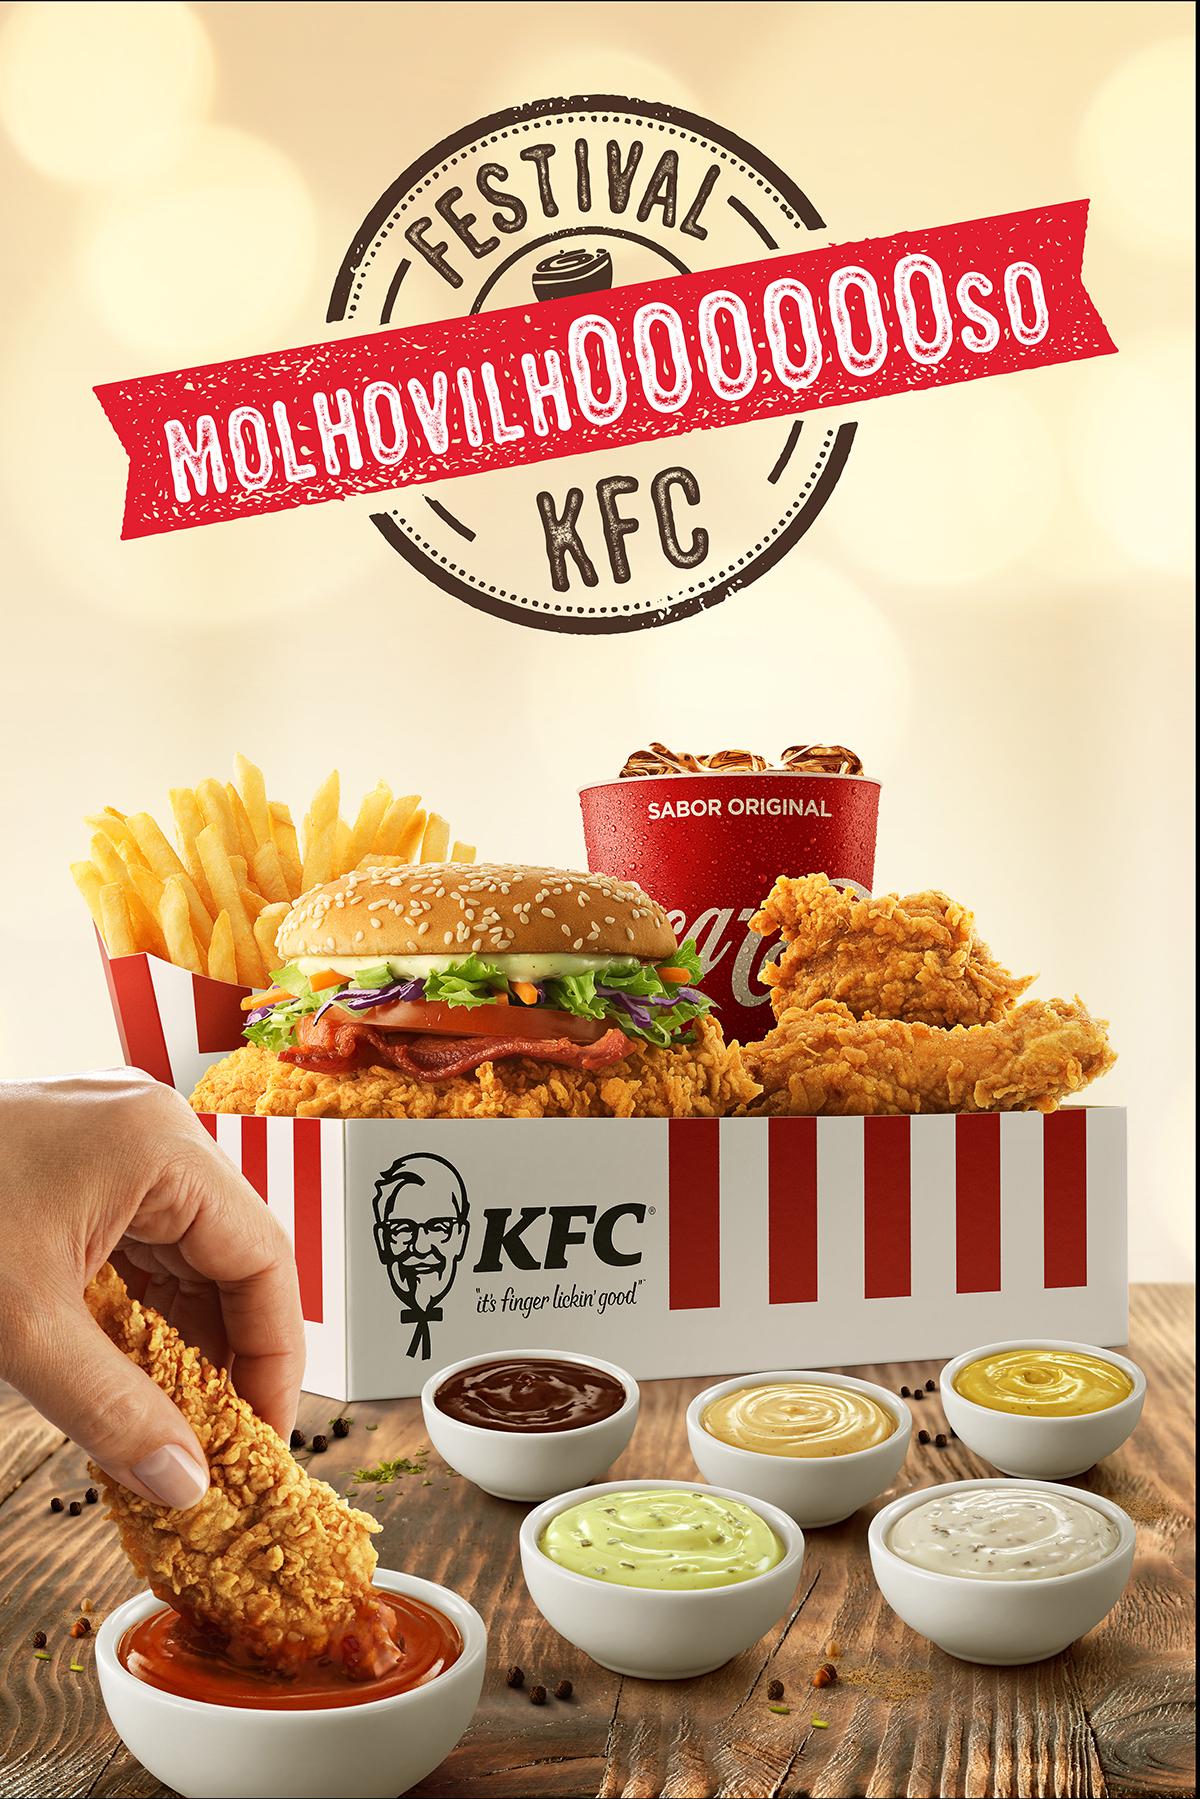 KFC cria Festival Molhovilhoooso   : : CidadeMarketing : :